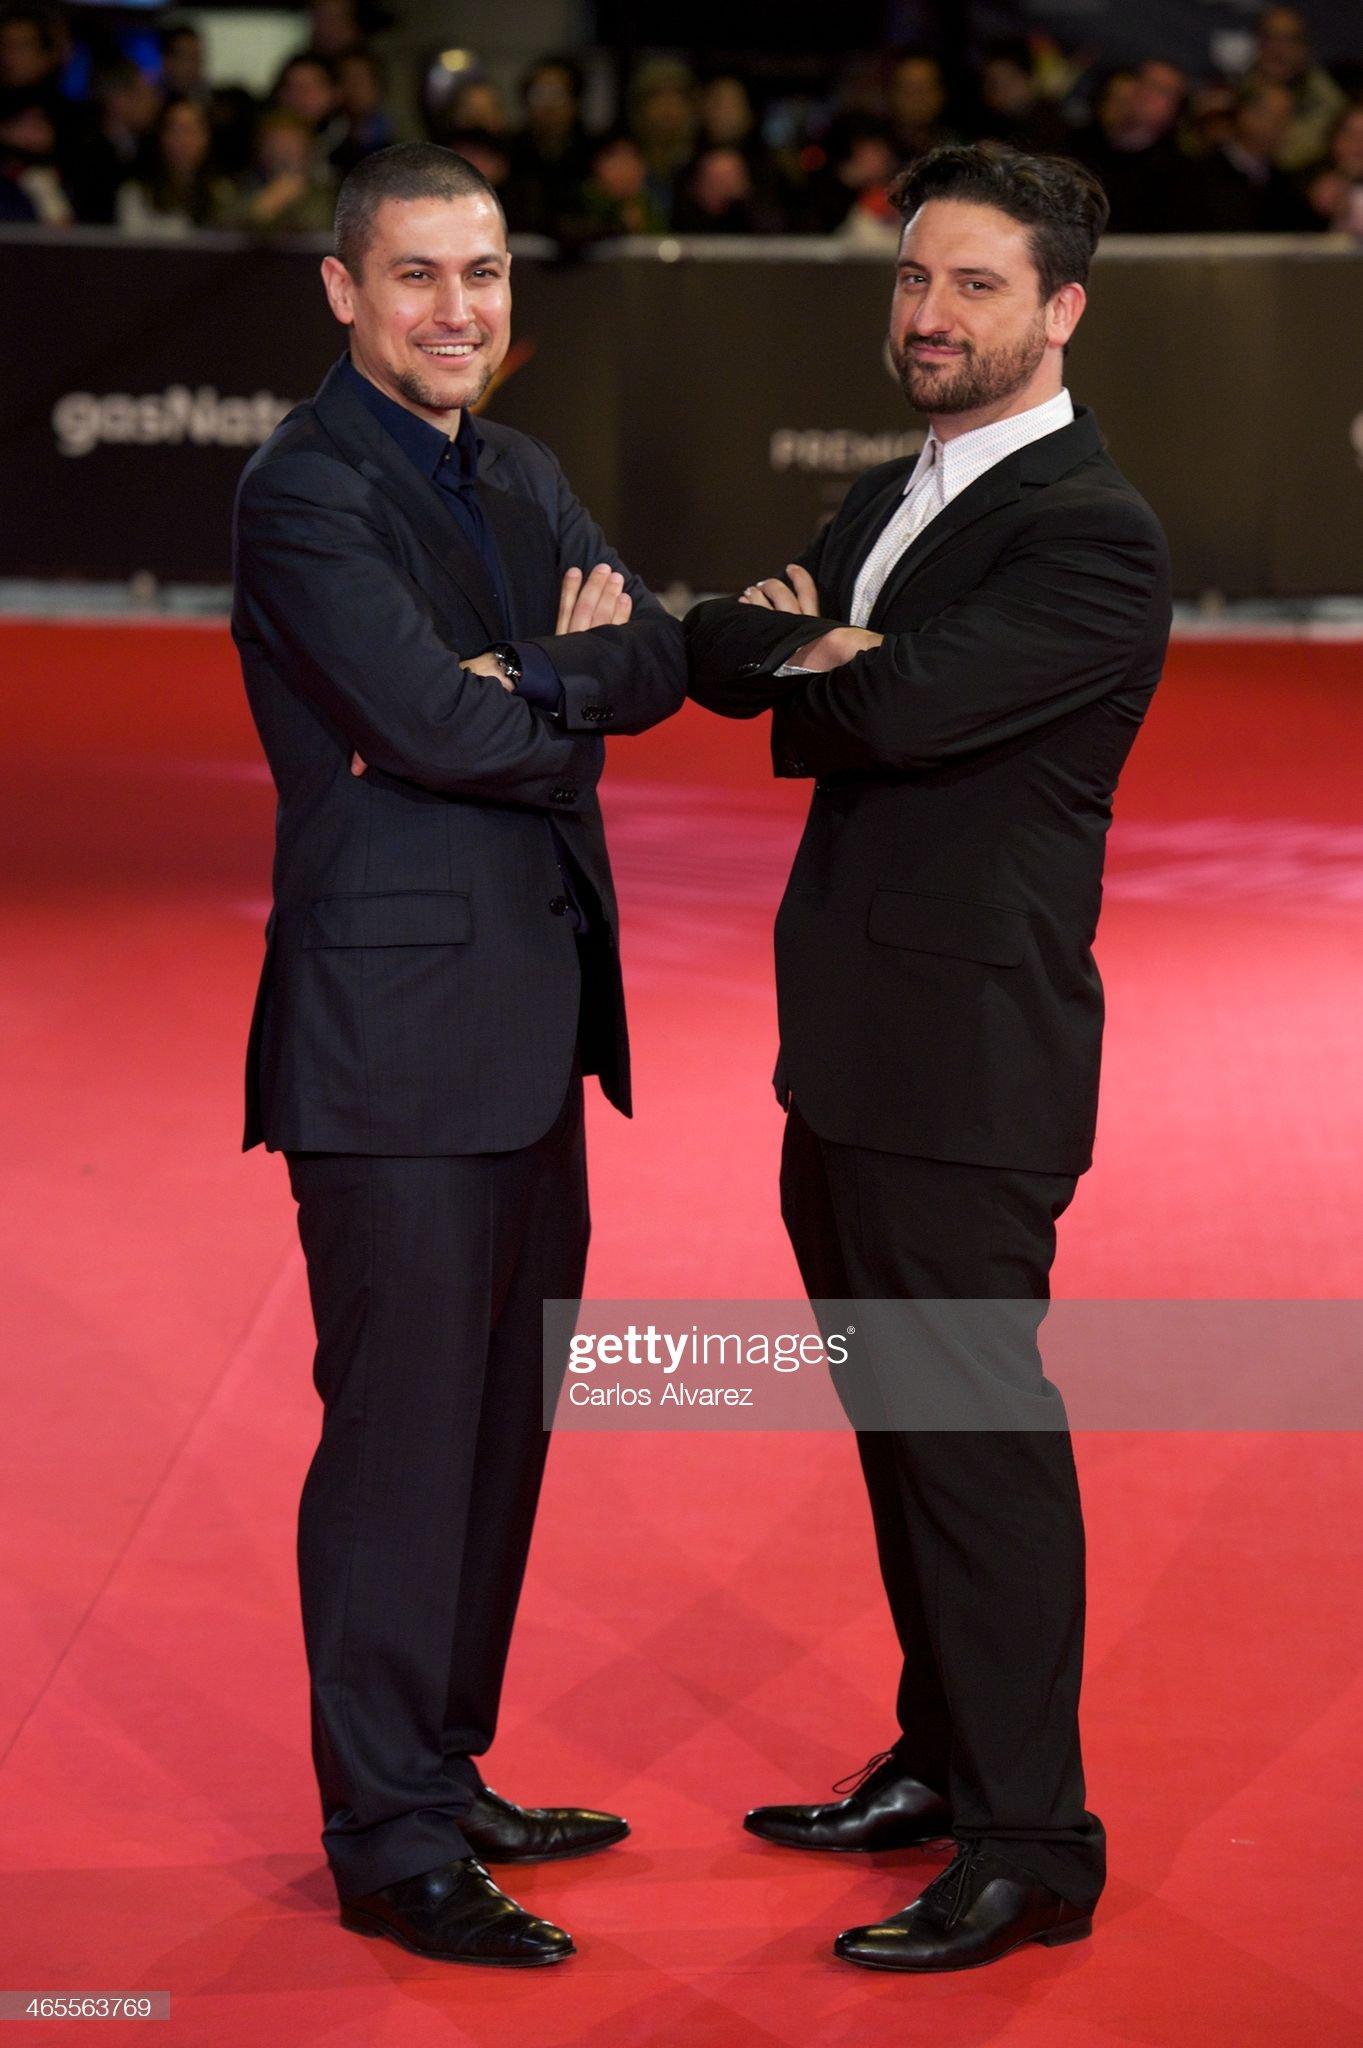 ¿Cuánto mide Rodrigo Cortés? - Altura Spanish-directors-rodrigo-cortes-and-eugenio-mira-attend-the-feroz-picture-id465563769?s=2048x2048